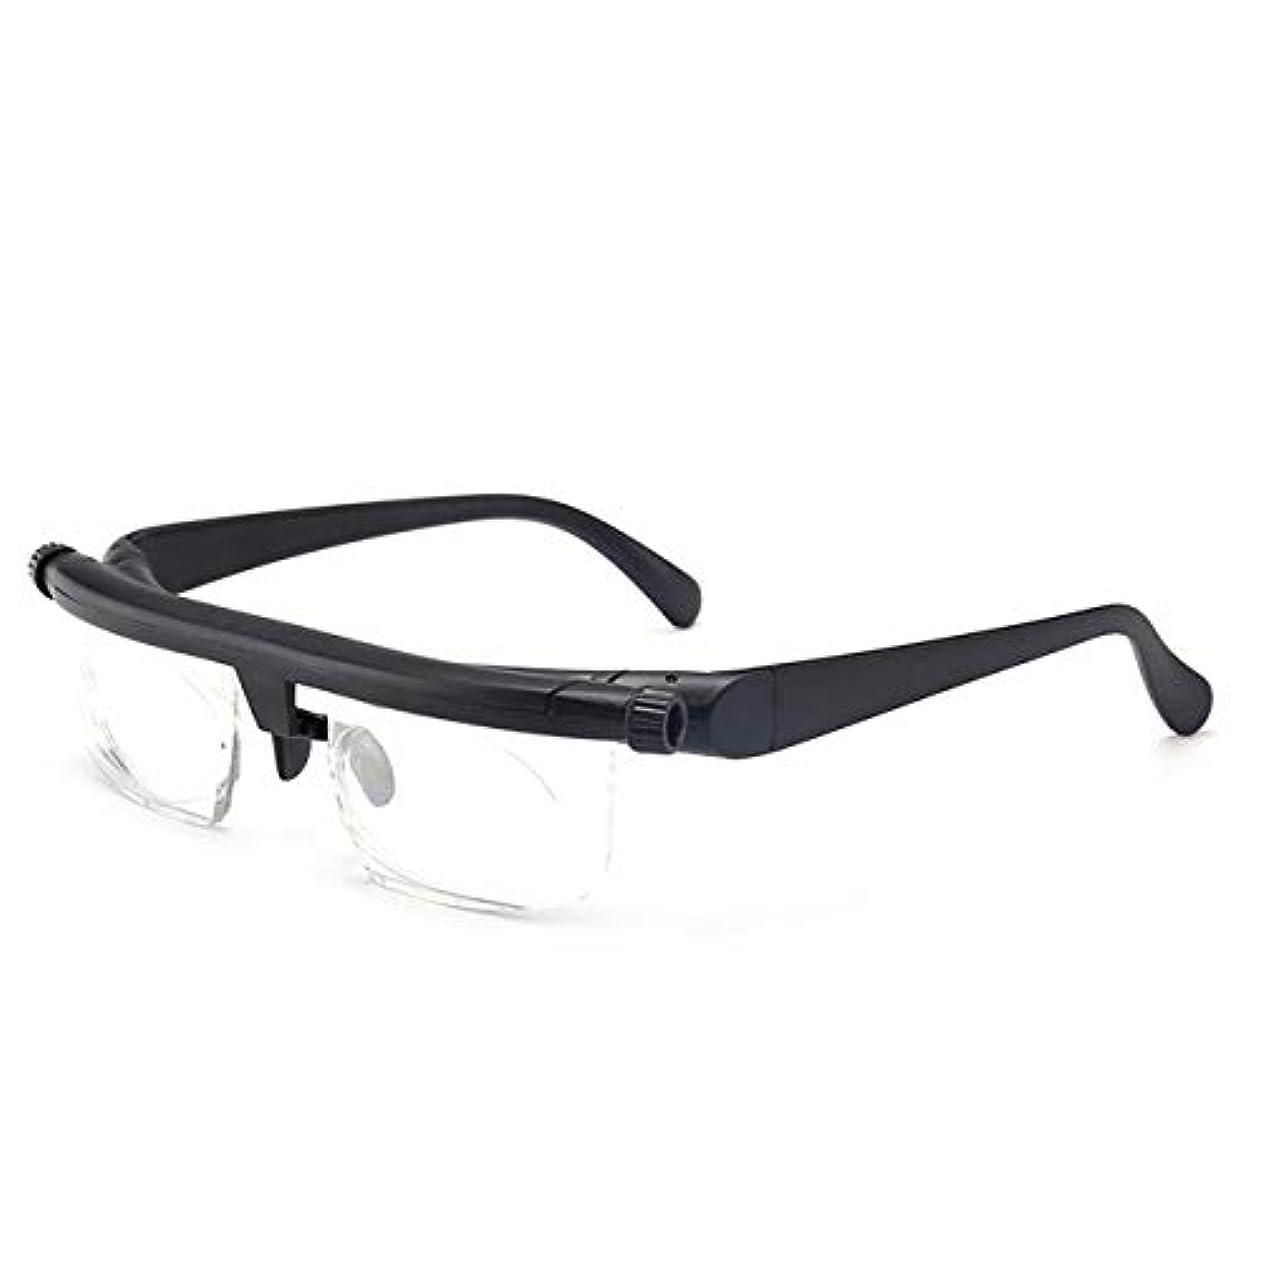 チート計算前書き軽量調節可能な老眼鏡近視眼鏡-6D?+ 3Dジオプトリー可変強度フォーカスビジョンを拡大(カラー:ブラック&クリア)